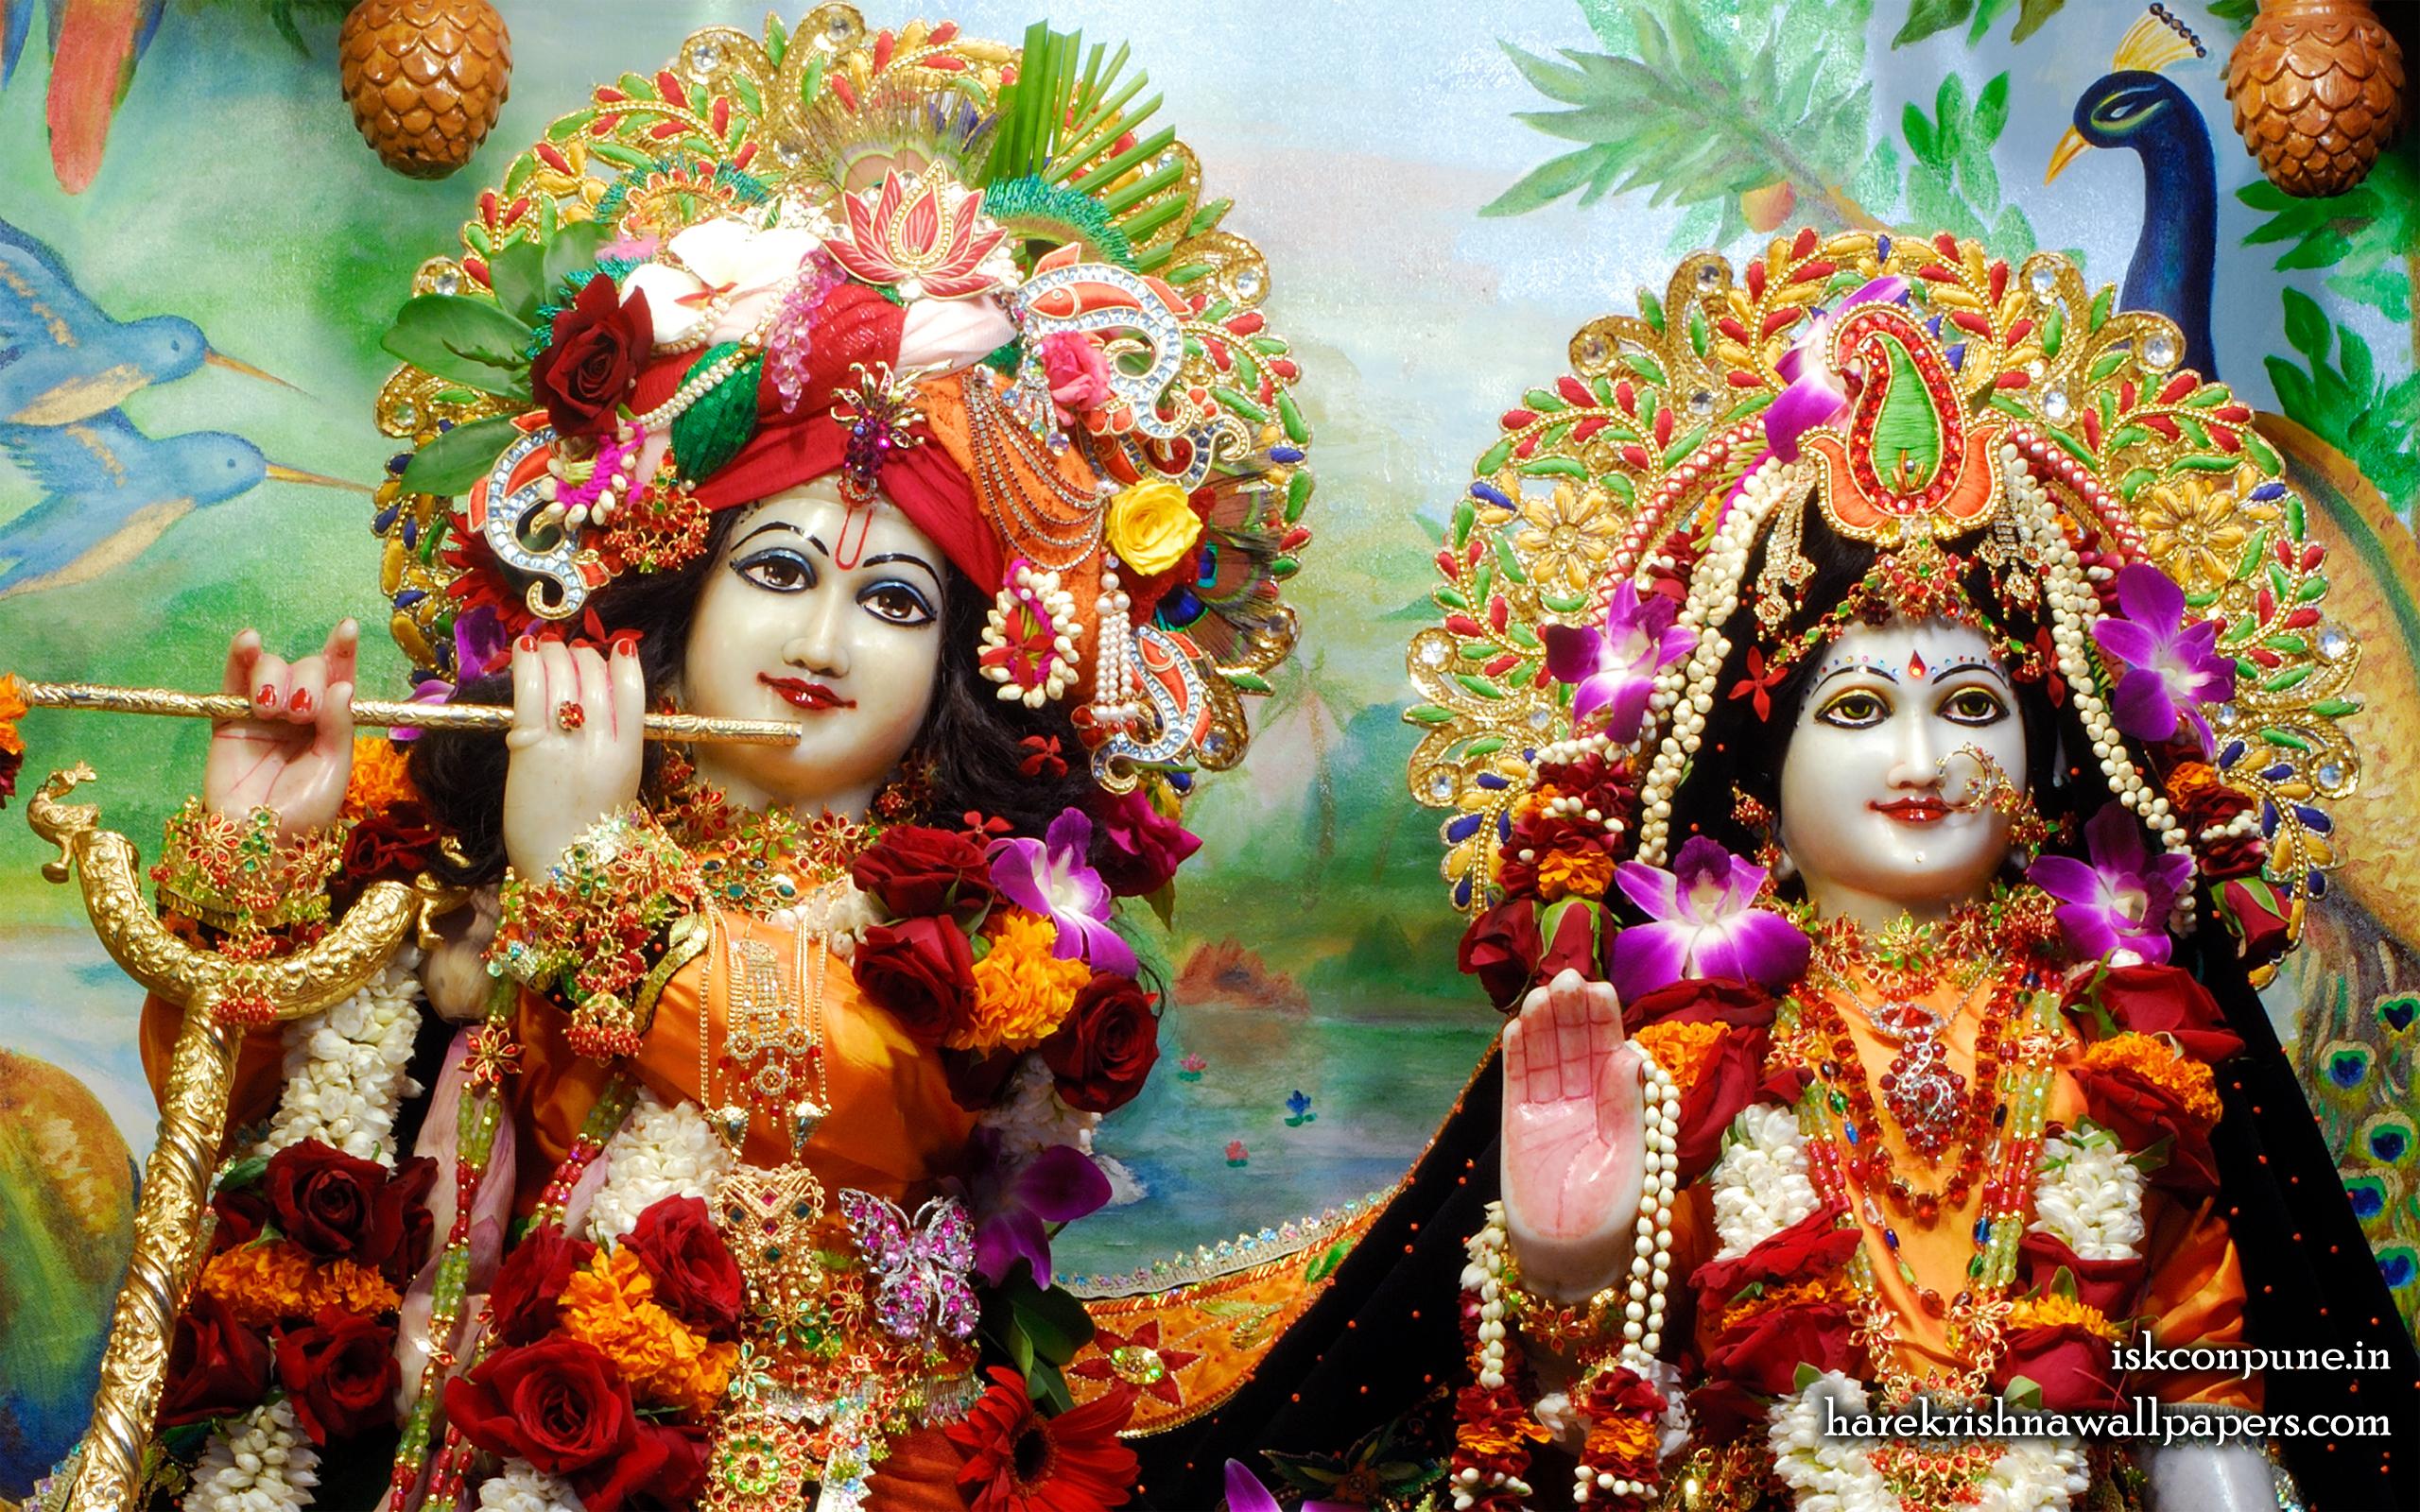 Sri Sri Radha Kunjabihari Close up Wallpaper (001) Size 2560x1600 Download